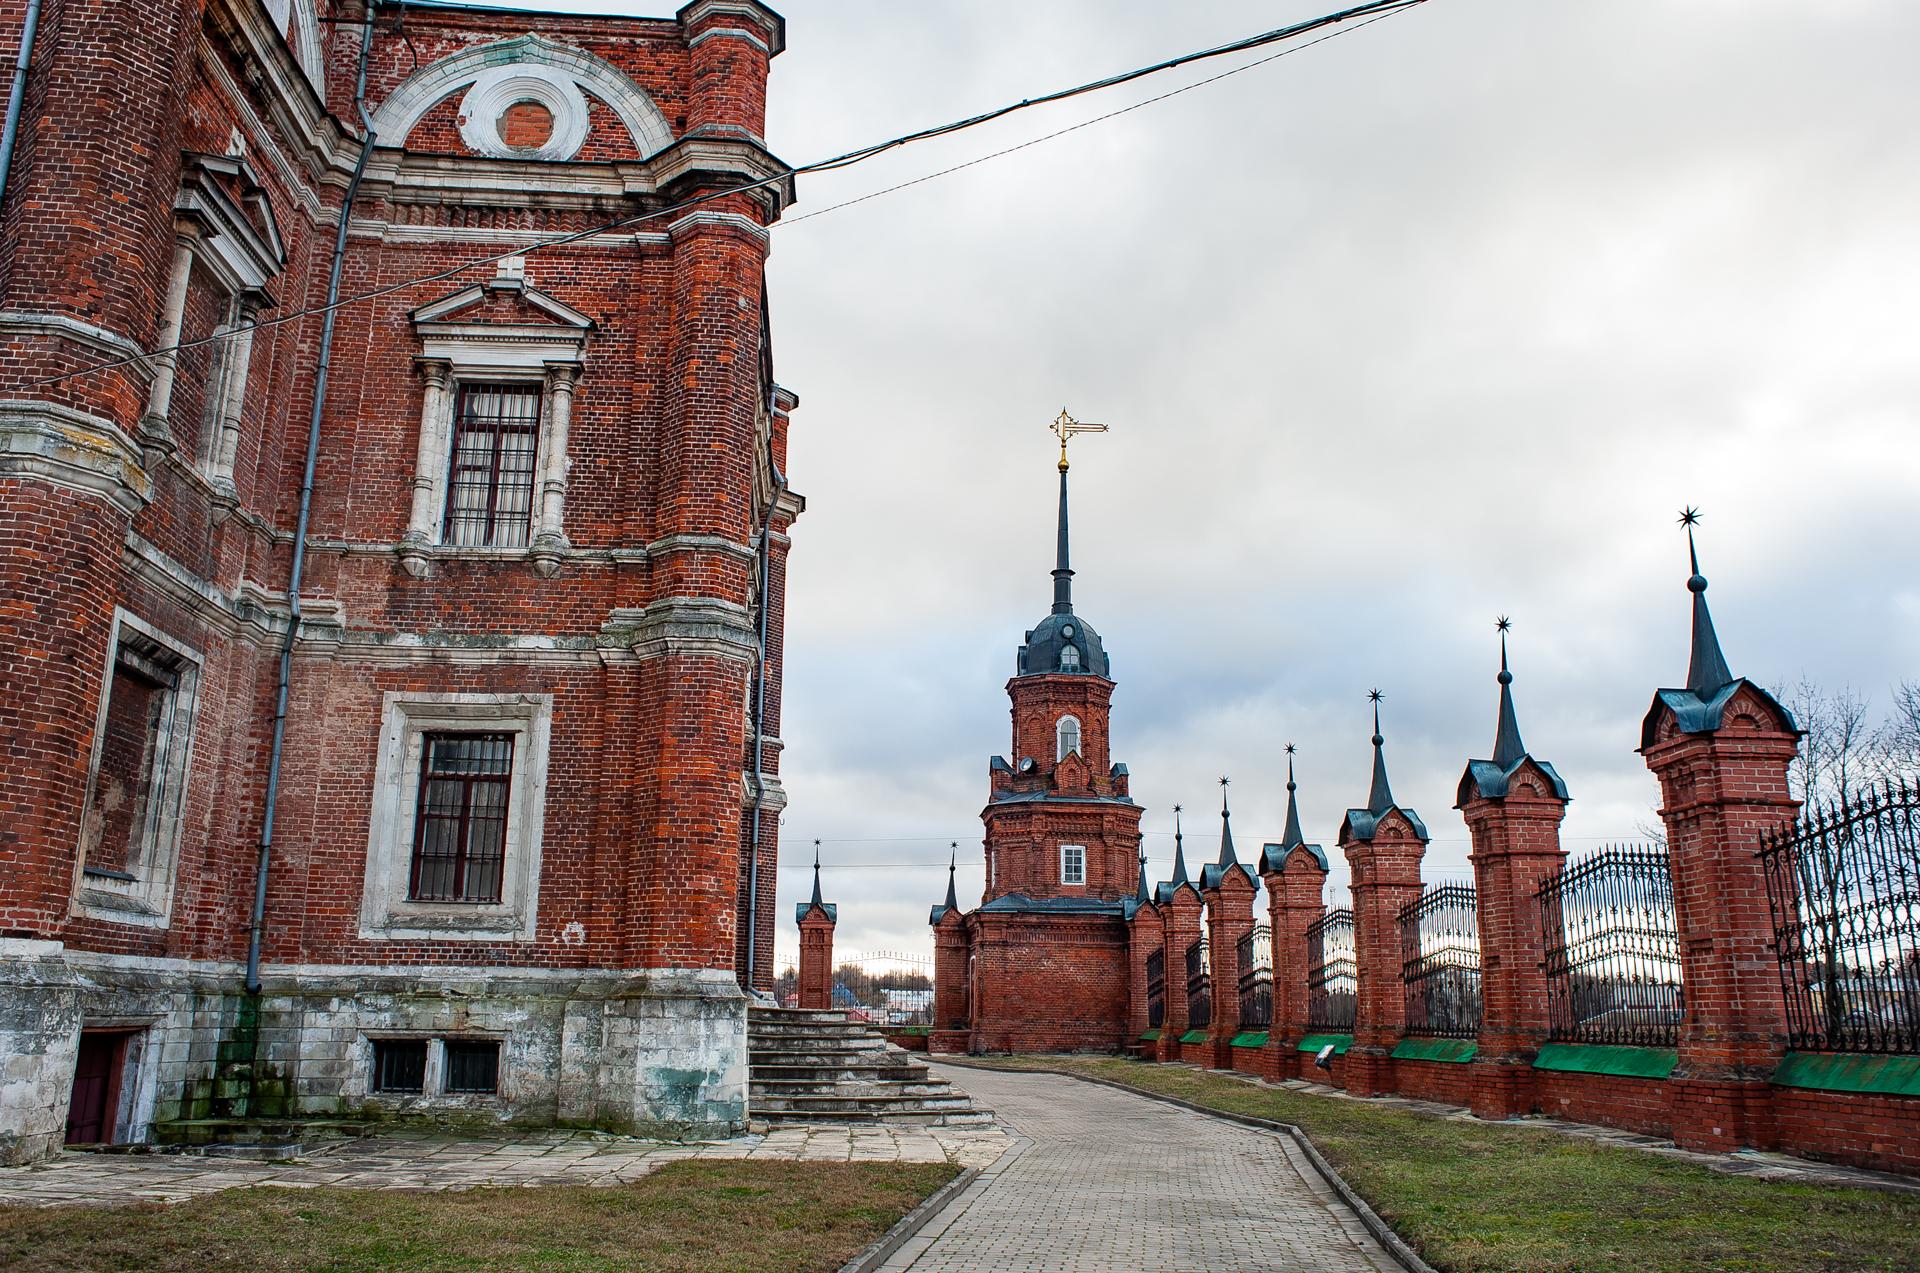 Волоколамск, Волокаламский Кремль